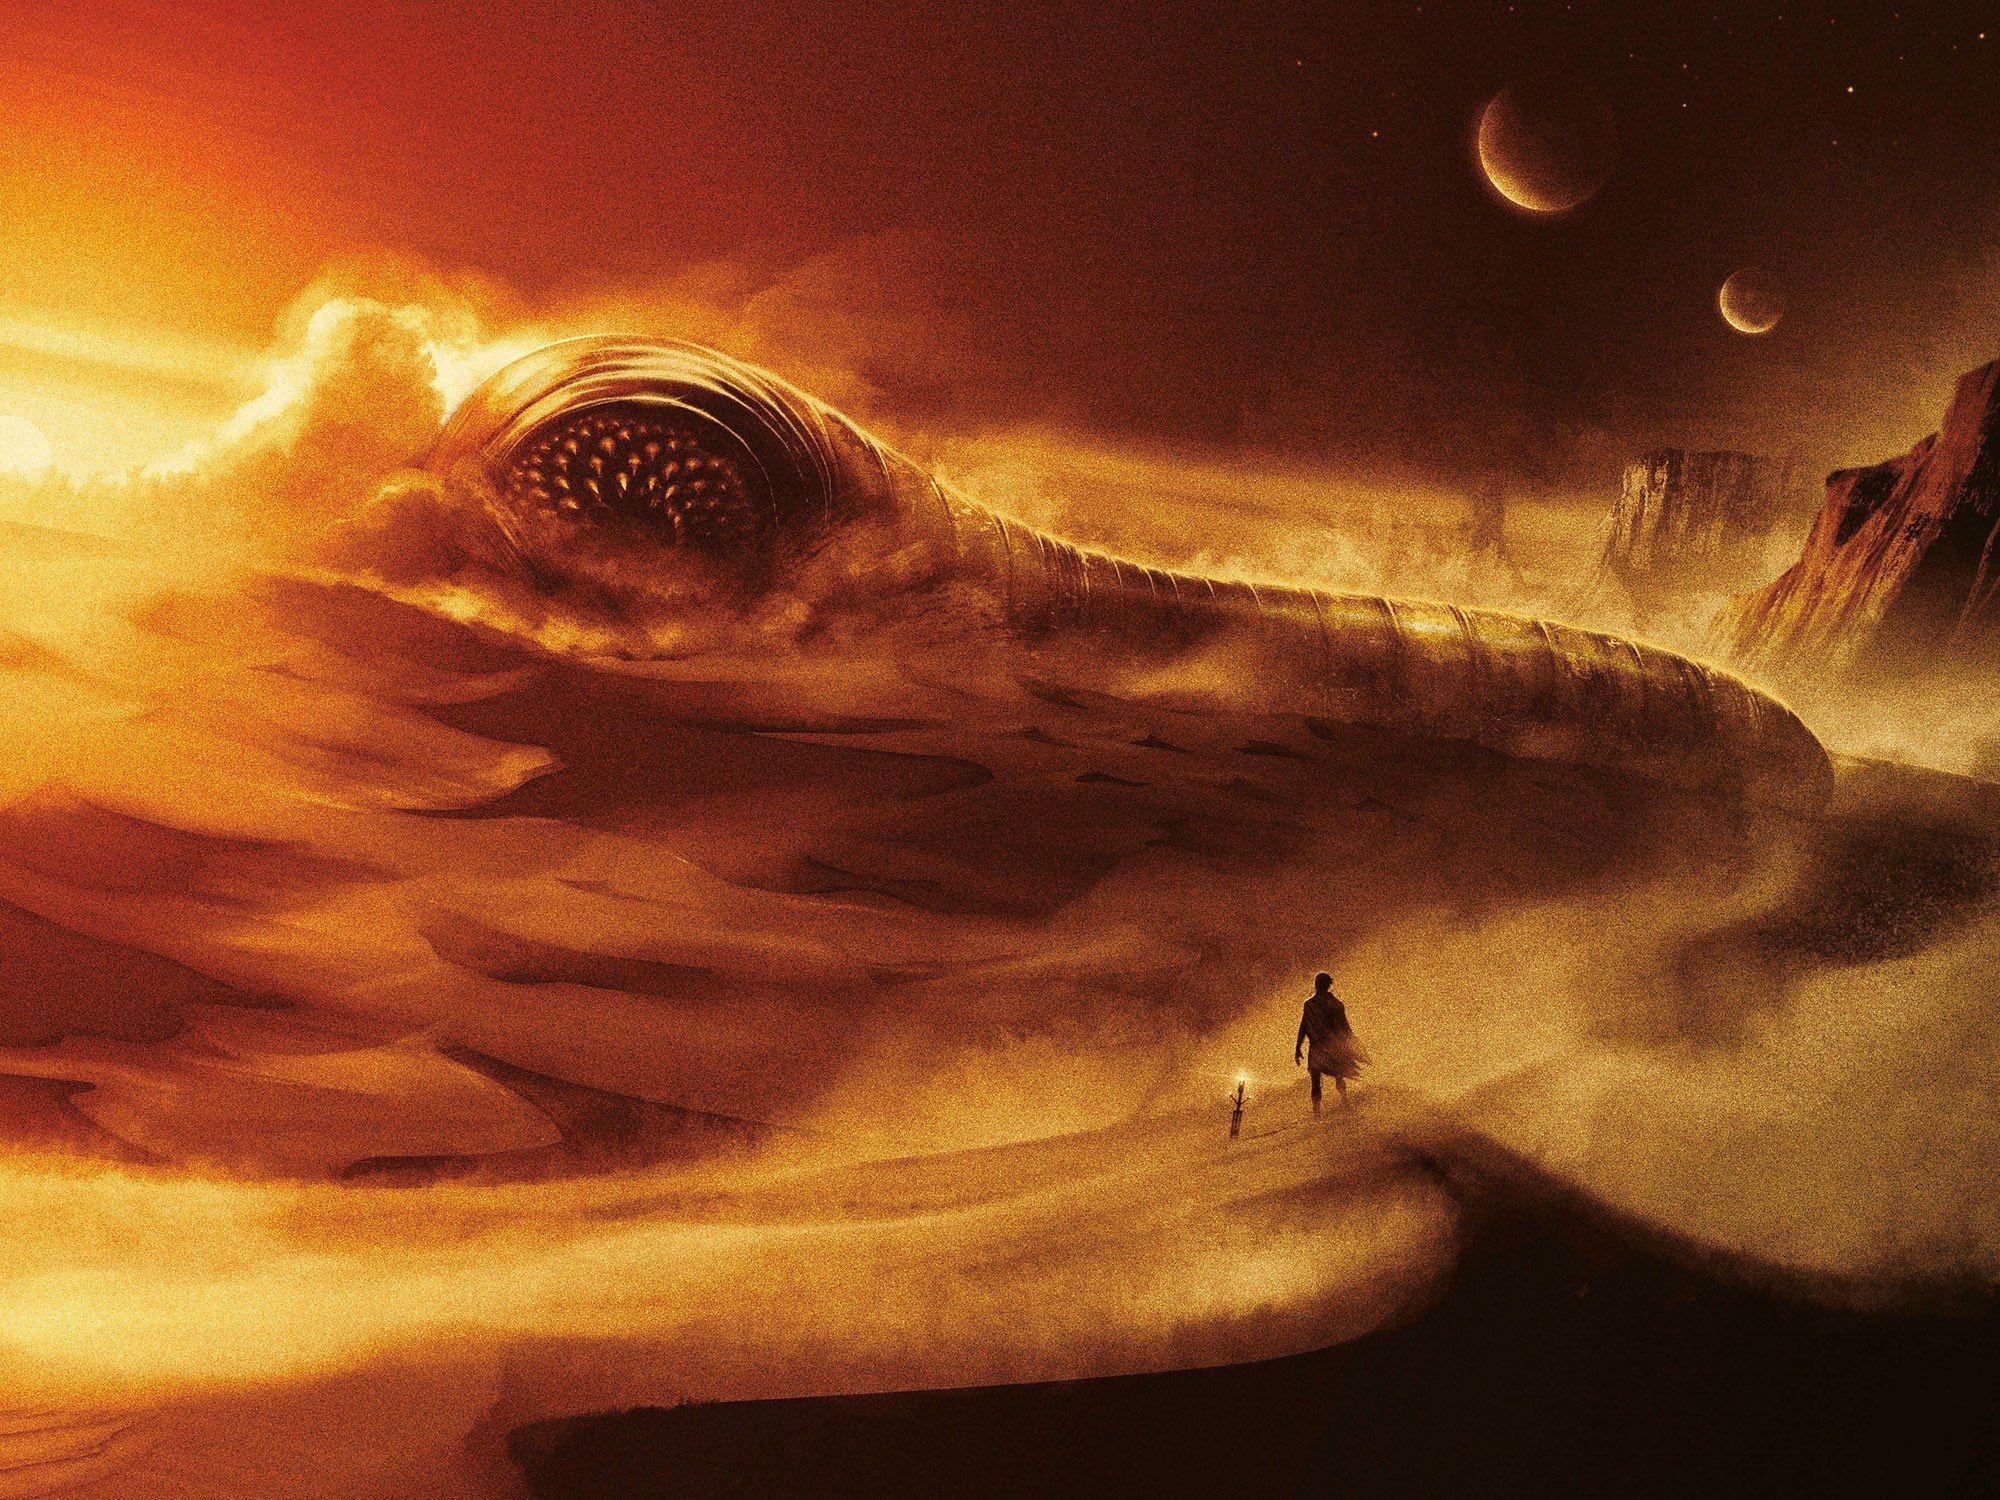 Dune 2020 Wallpapers 2000x1500